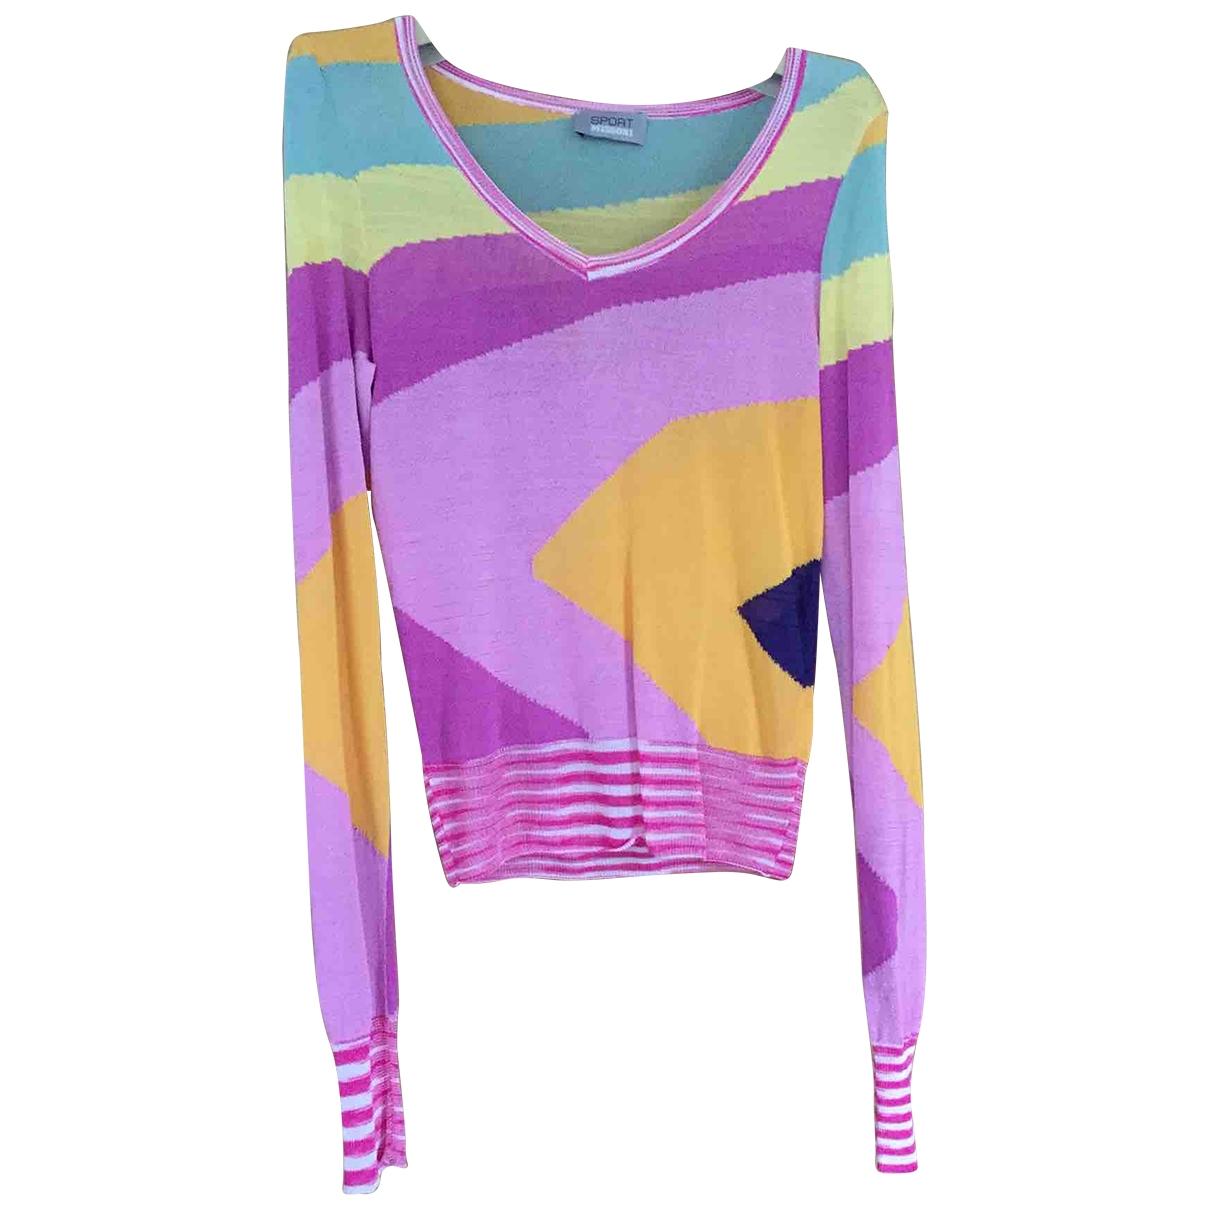 Missoni - Top   pour femme - multicolore